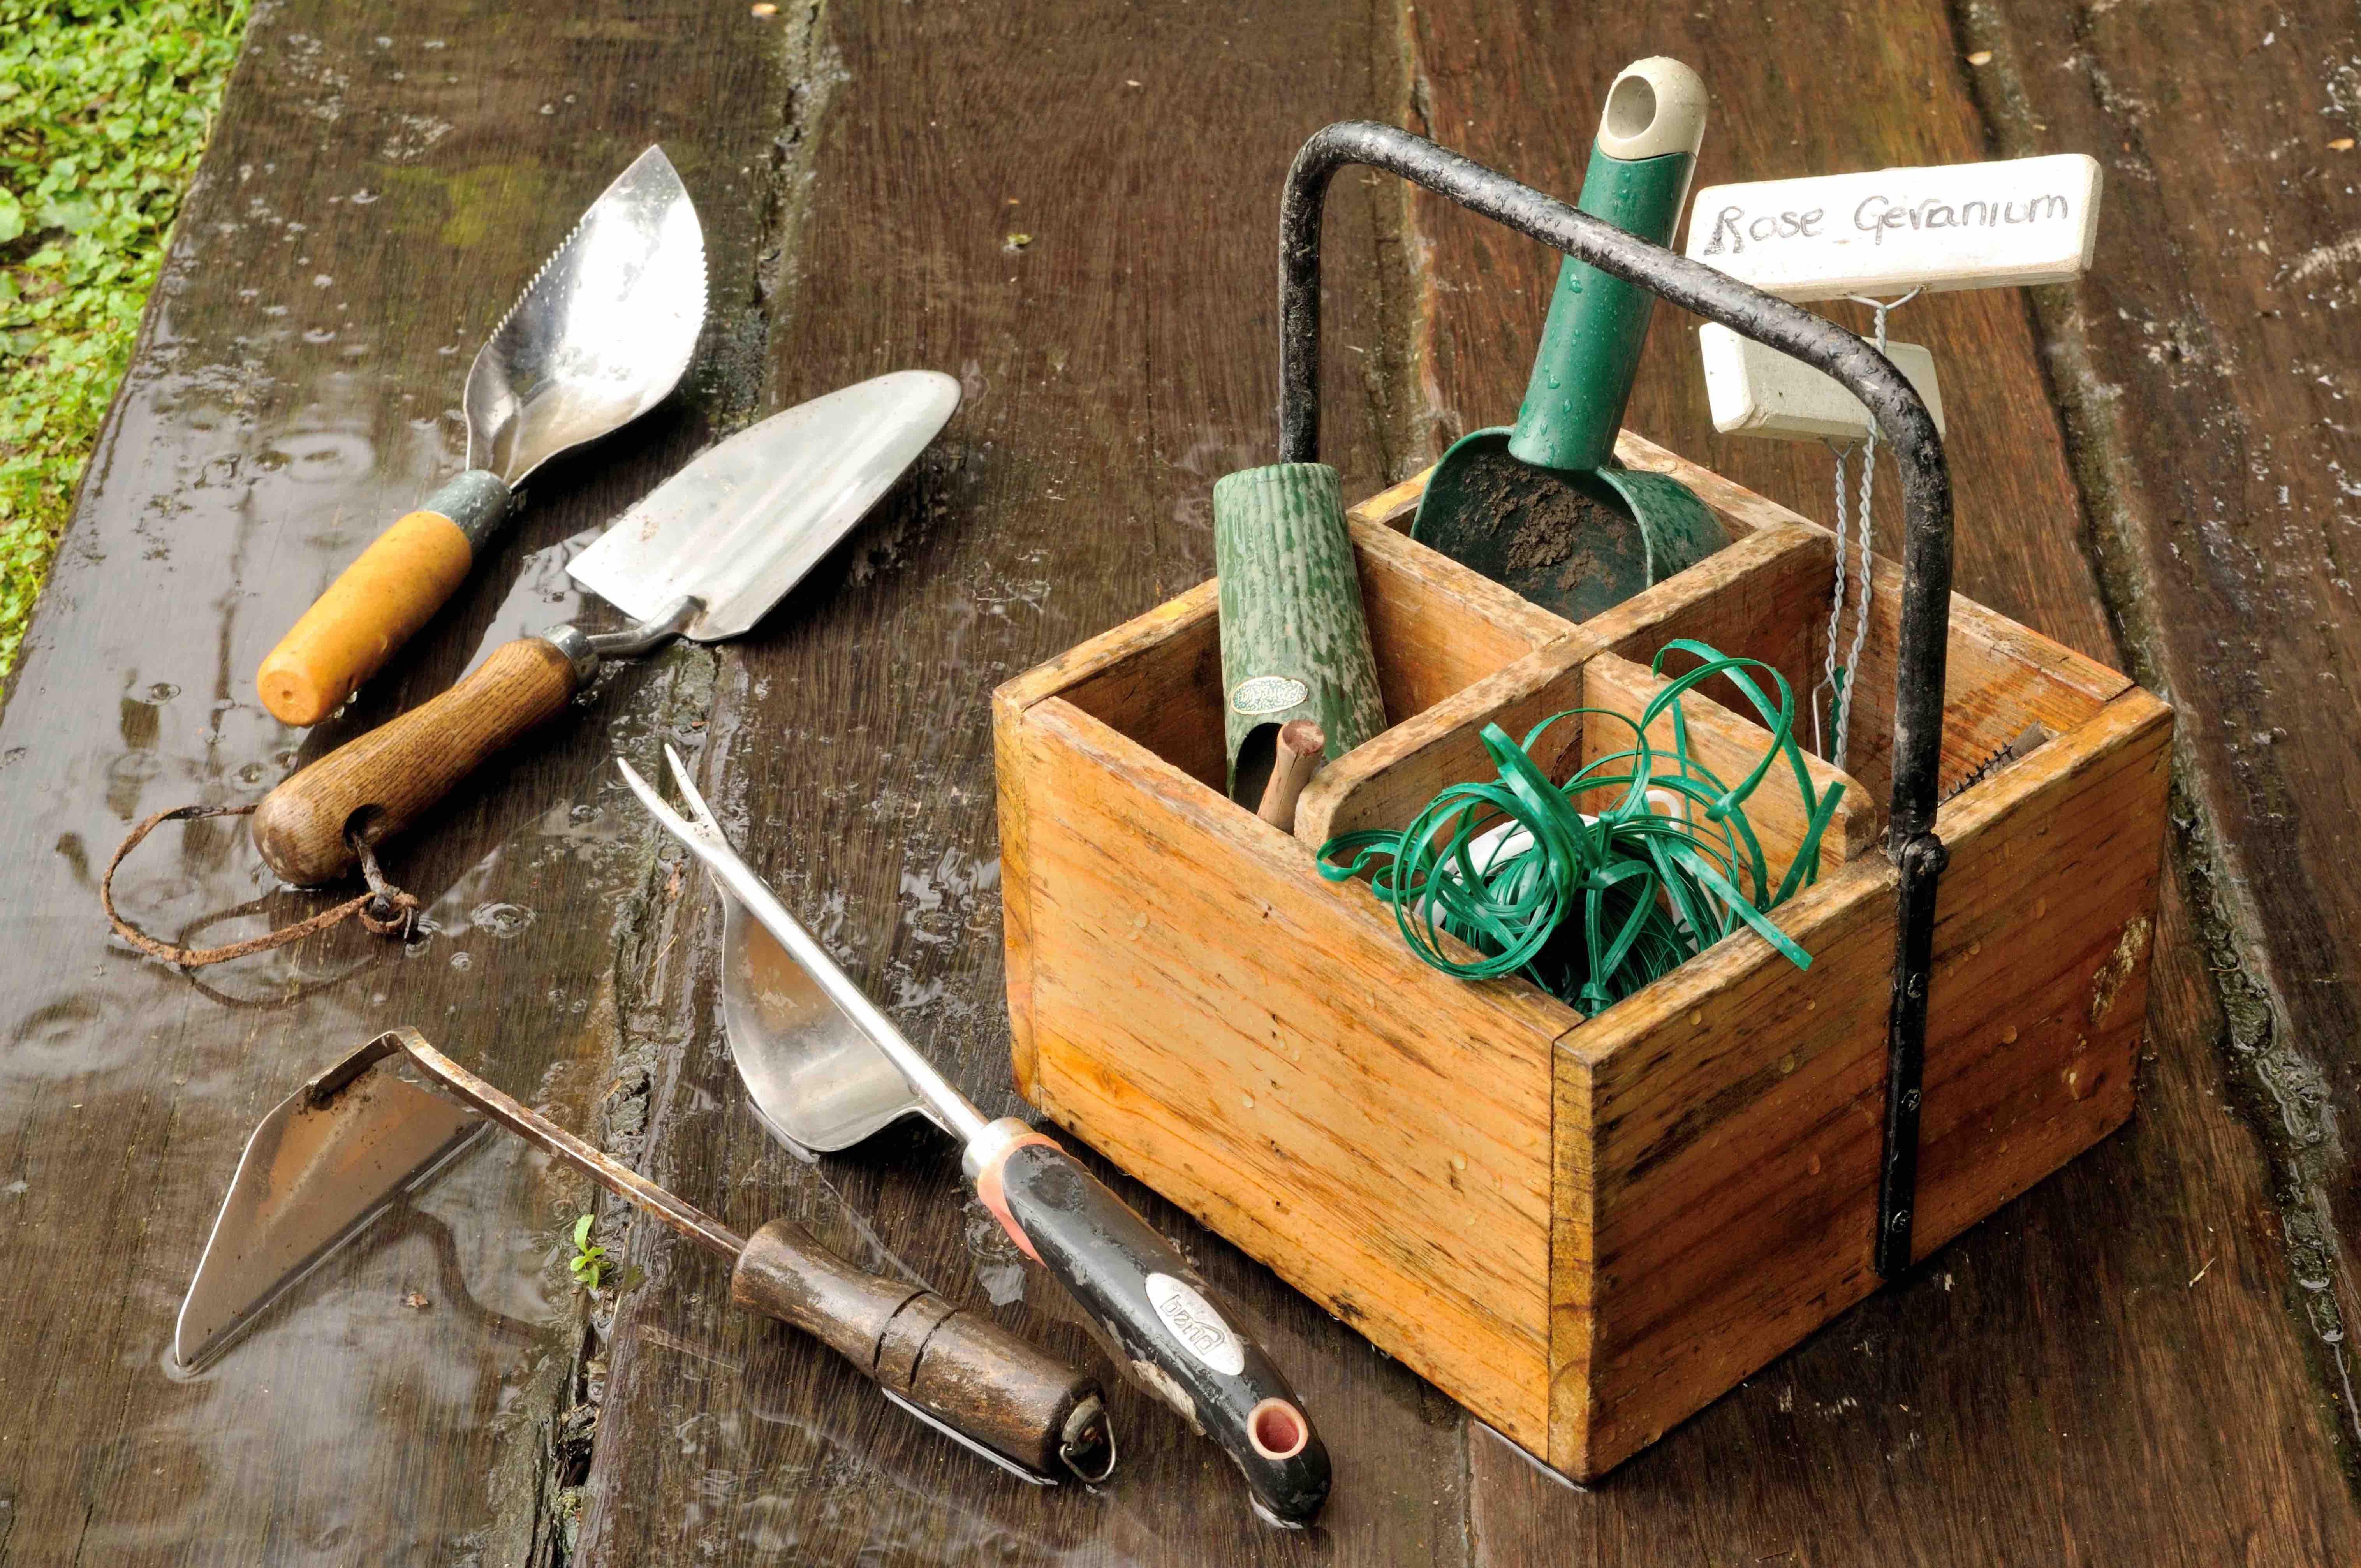 庭仕事の道具たち 写真撮影=梶山正